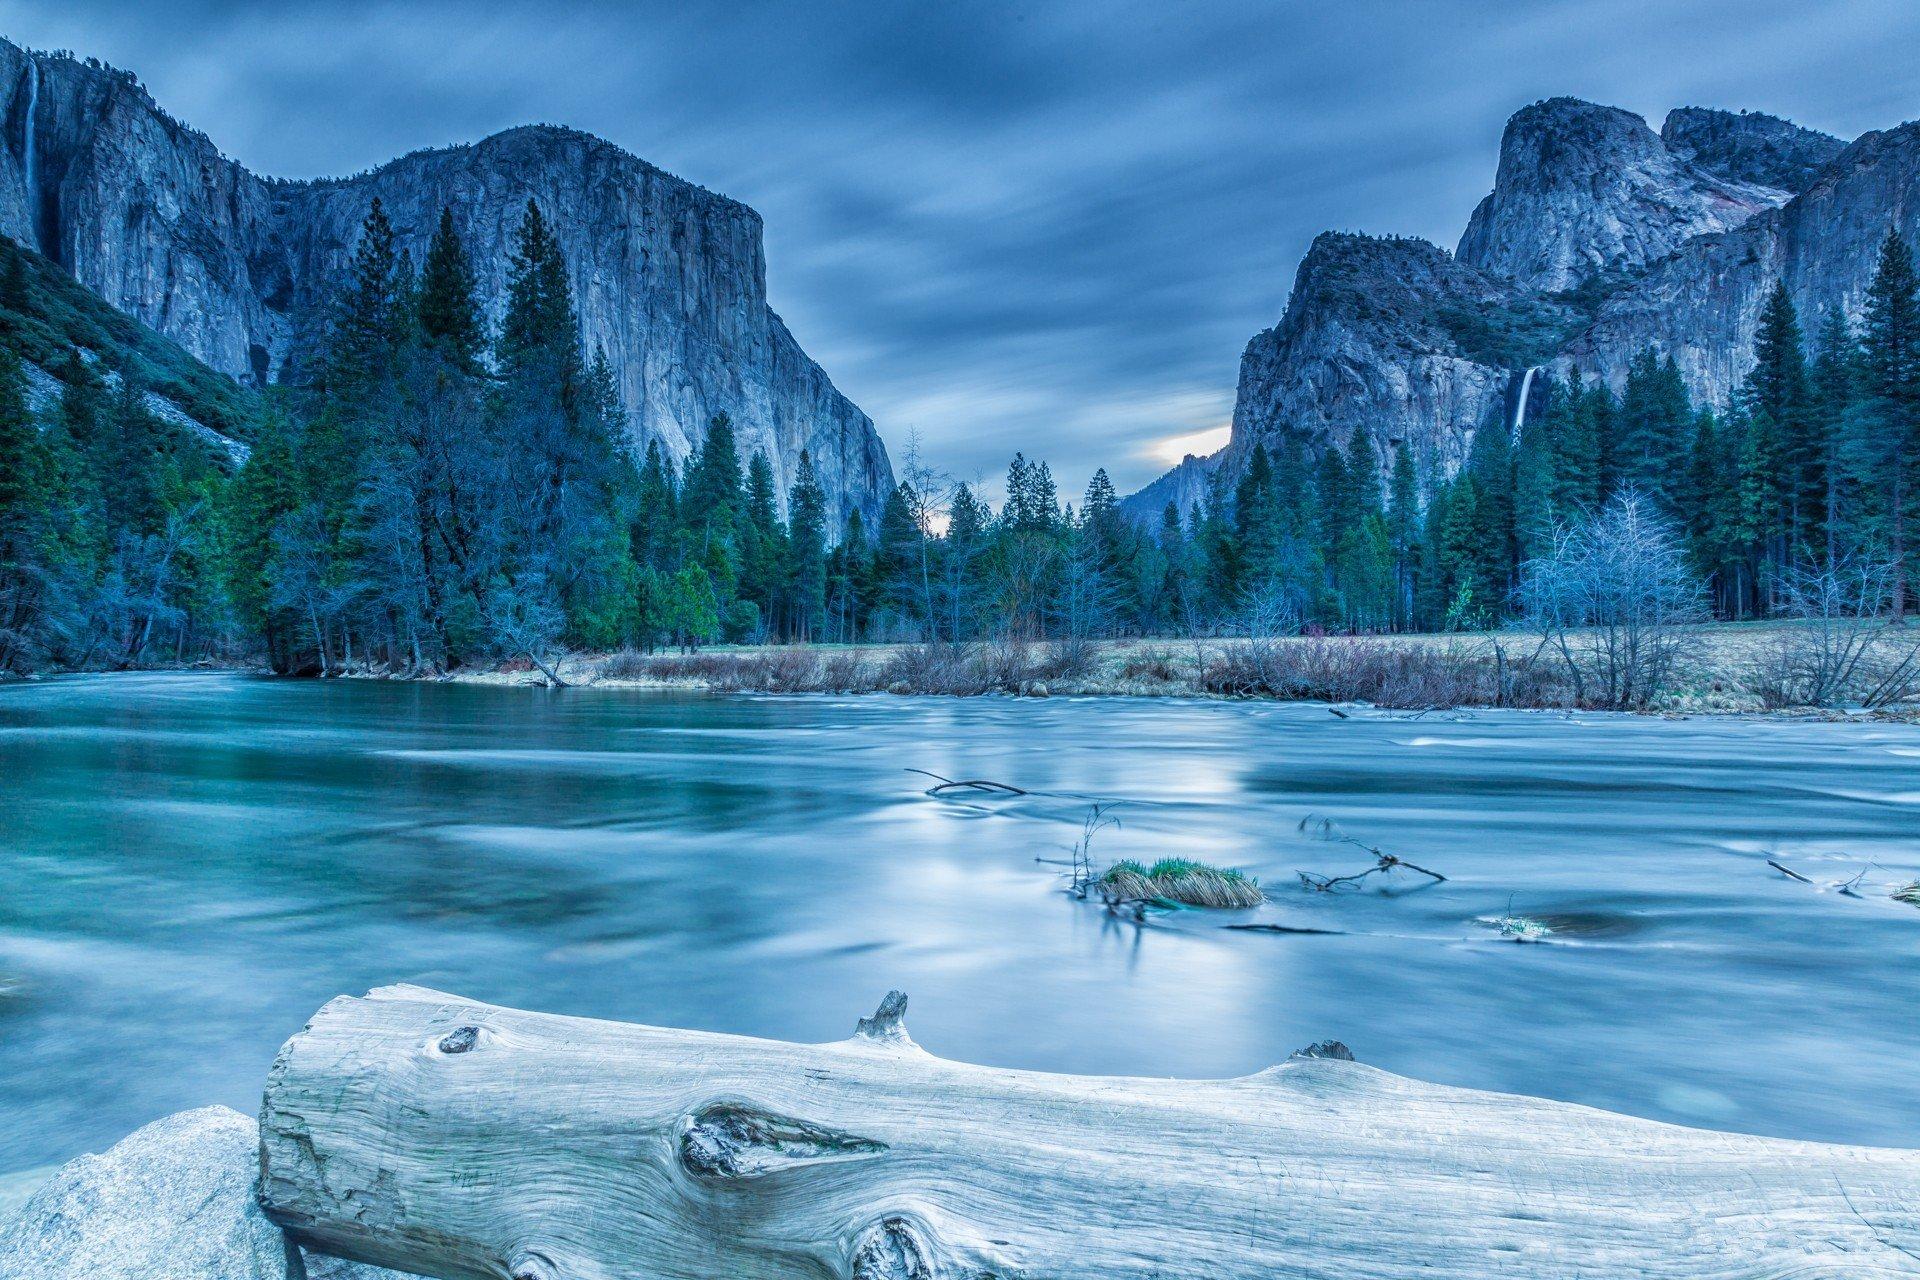 природа зима снег горы скалы деревья  № 2781259 бесплатно